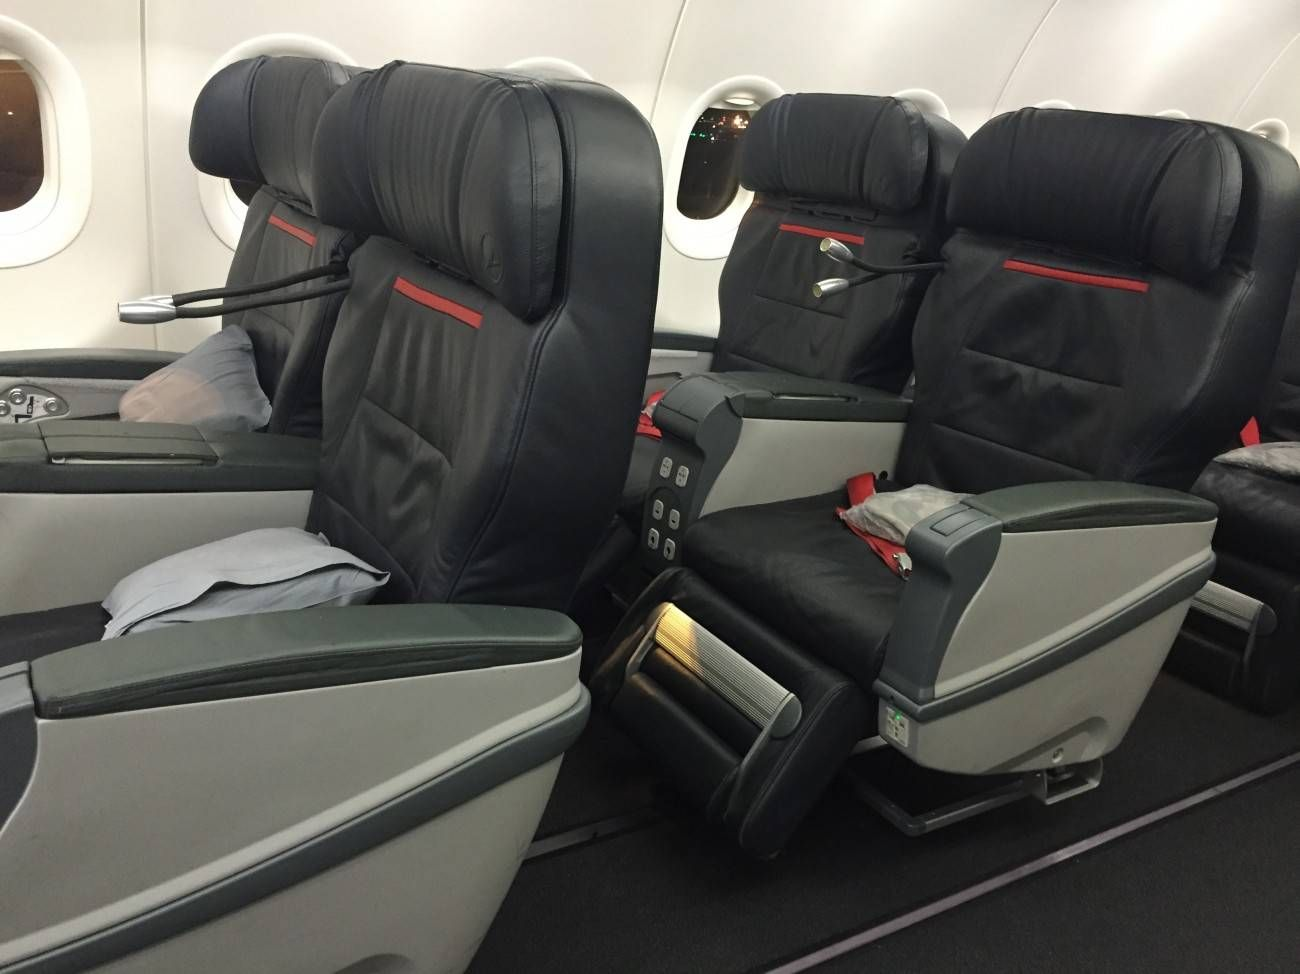 Turkish A321 Business Class